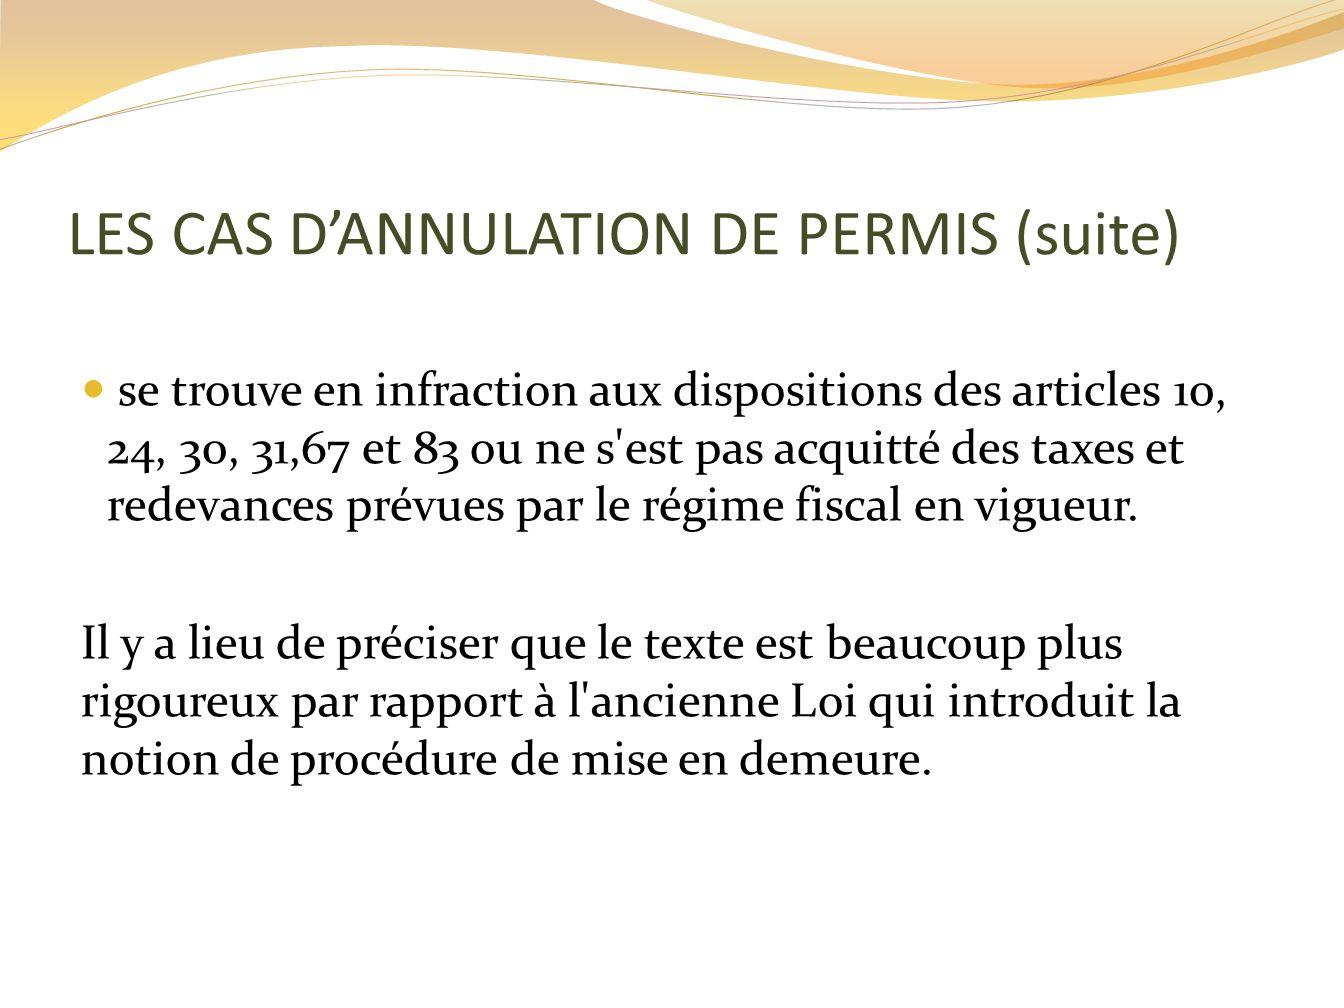 LES CAS DANNULATION DE PERMIS (suite) se trouve en infraction aux dispositions des articles 10, 24, 30, 31,67 et 83 ou ne s'est pas acquitté des taxes